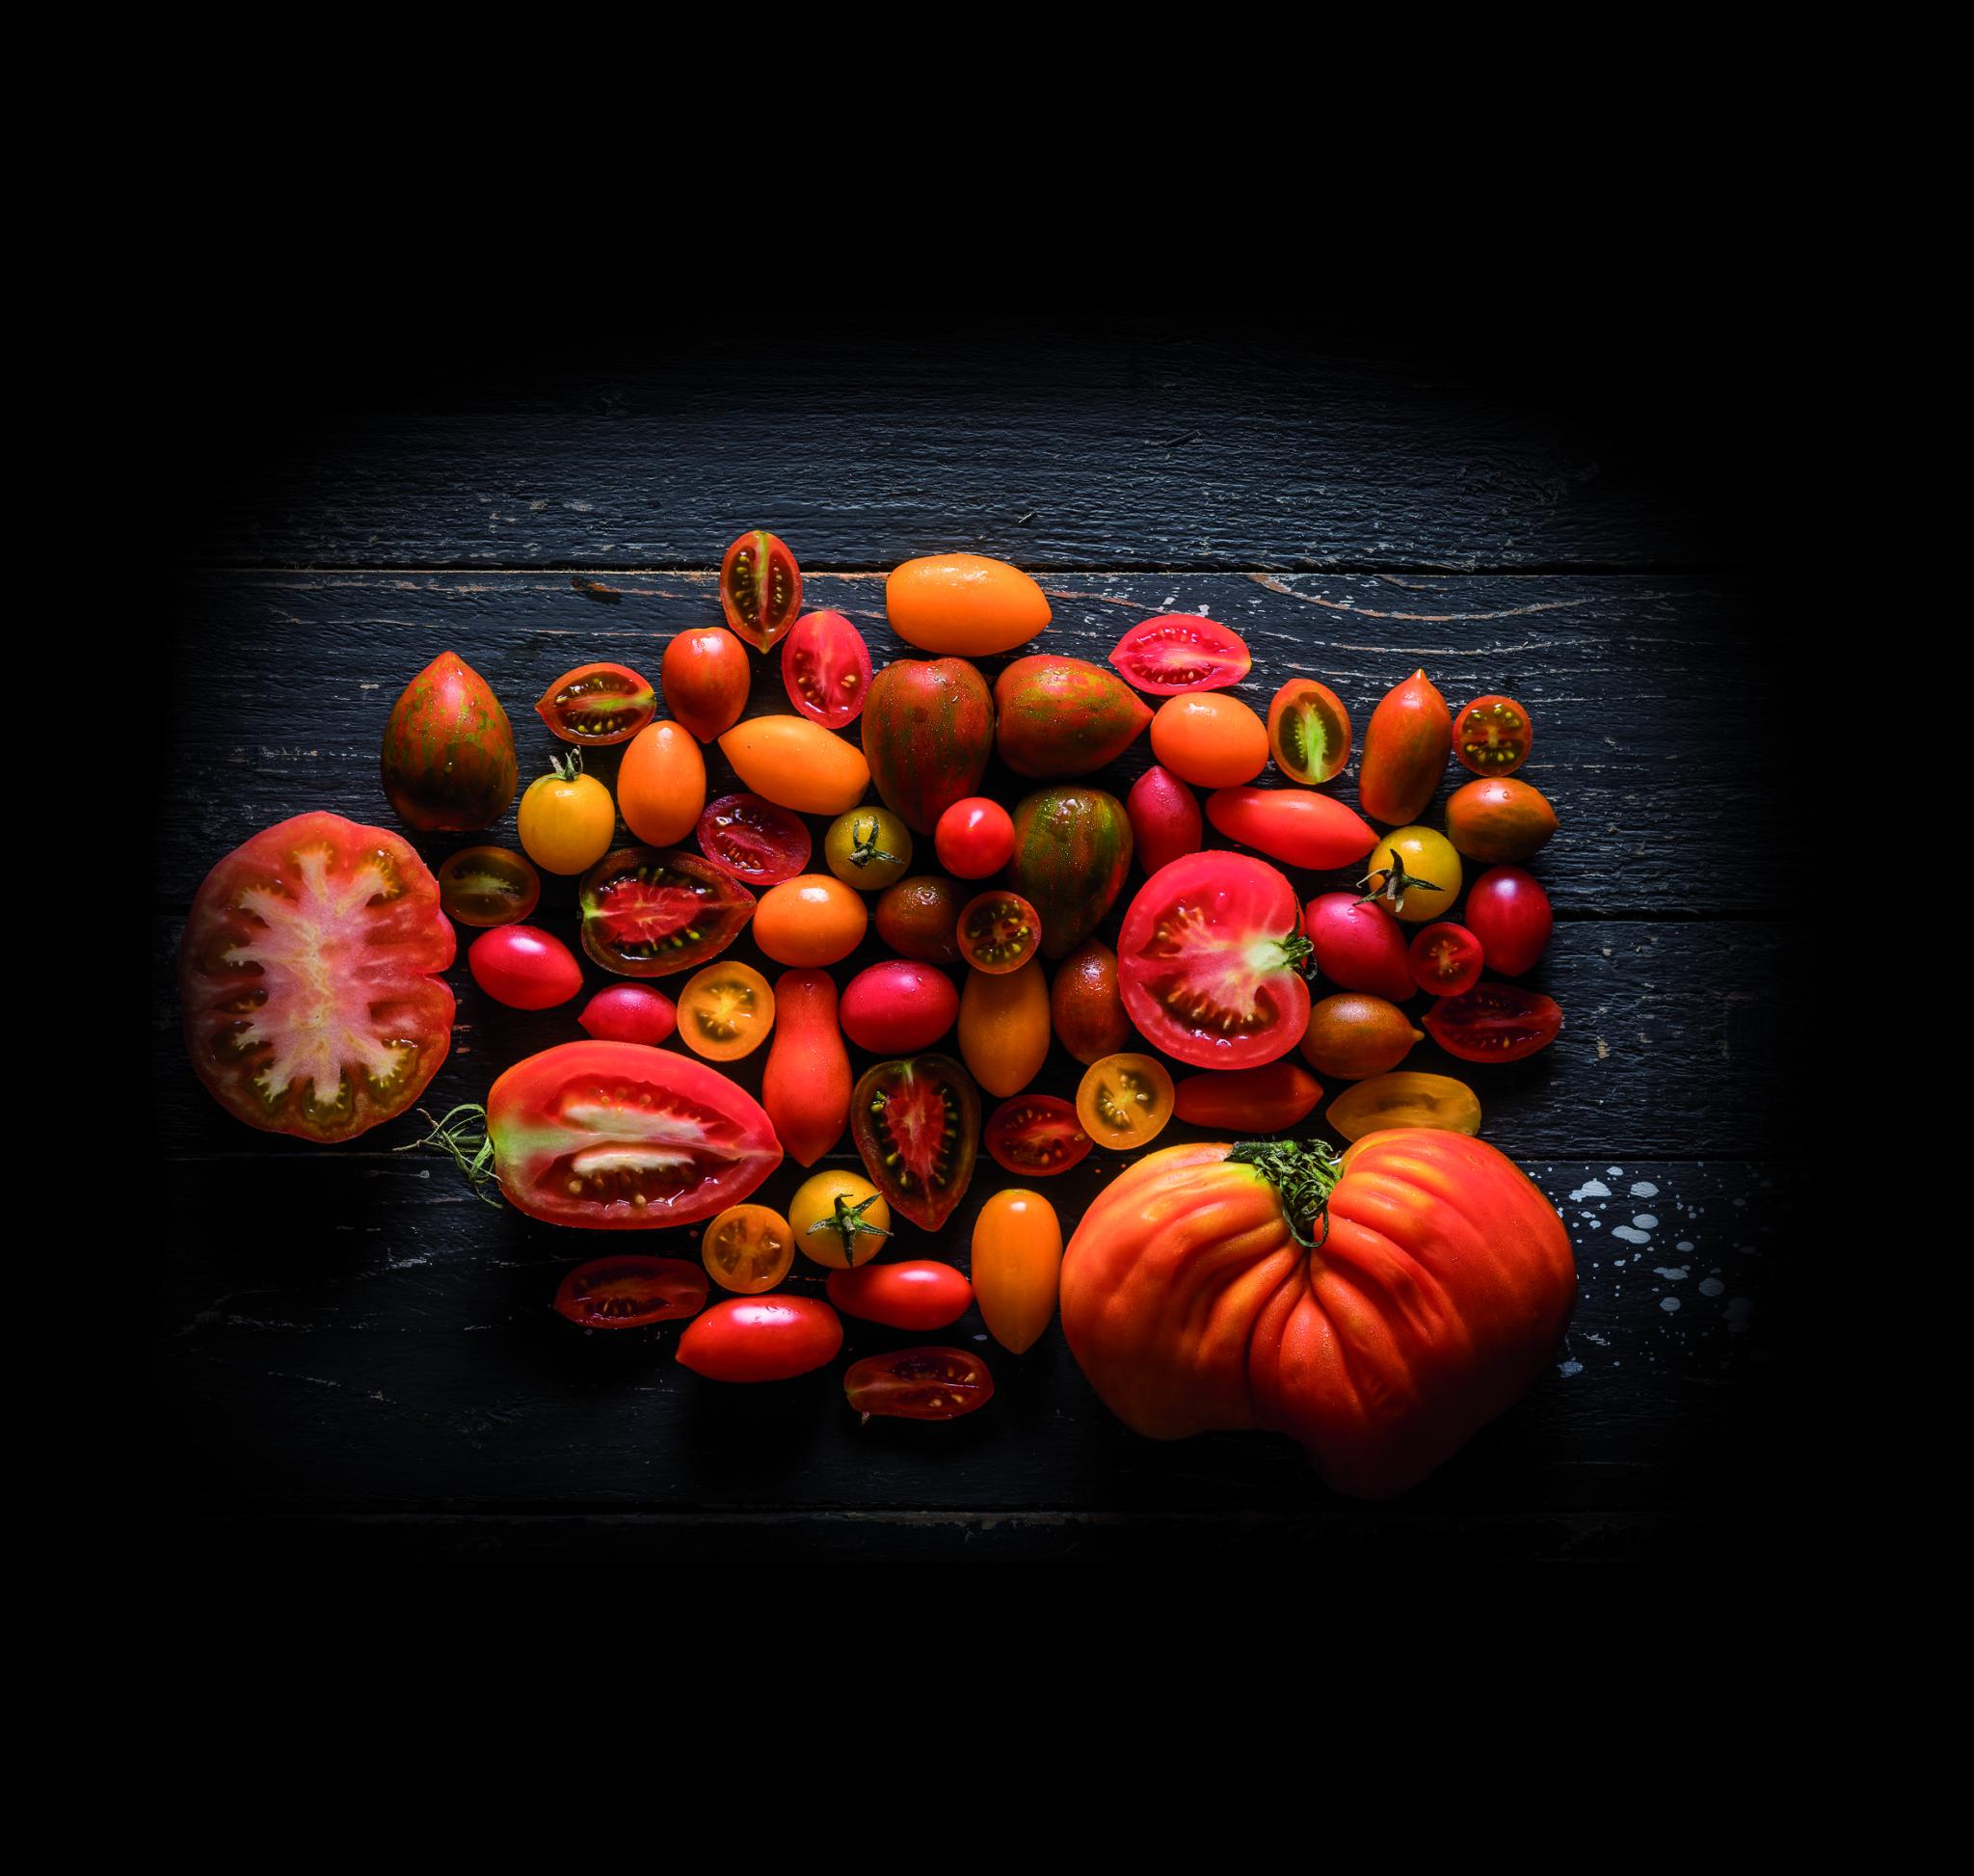 שינוי תודעה זנים של עגבניות. צילום: אנטולי מיכאלו